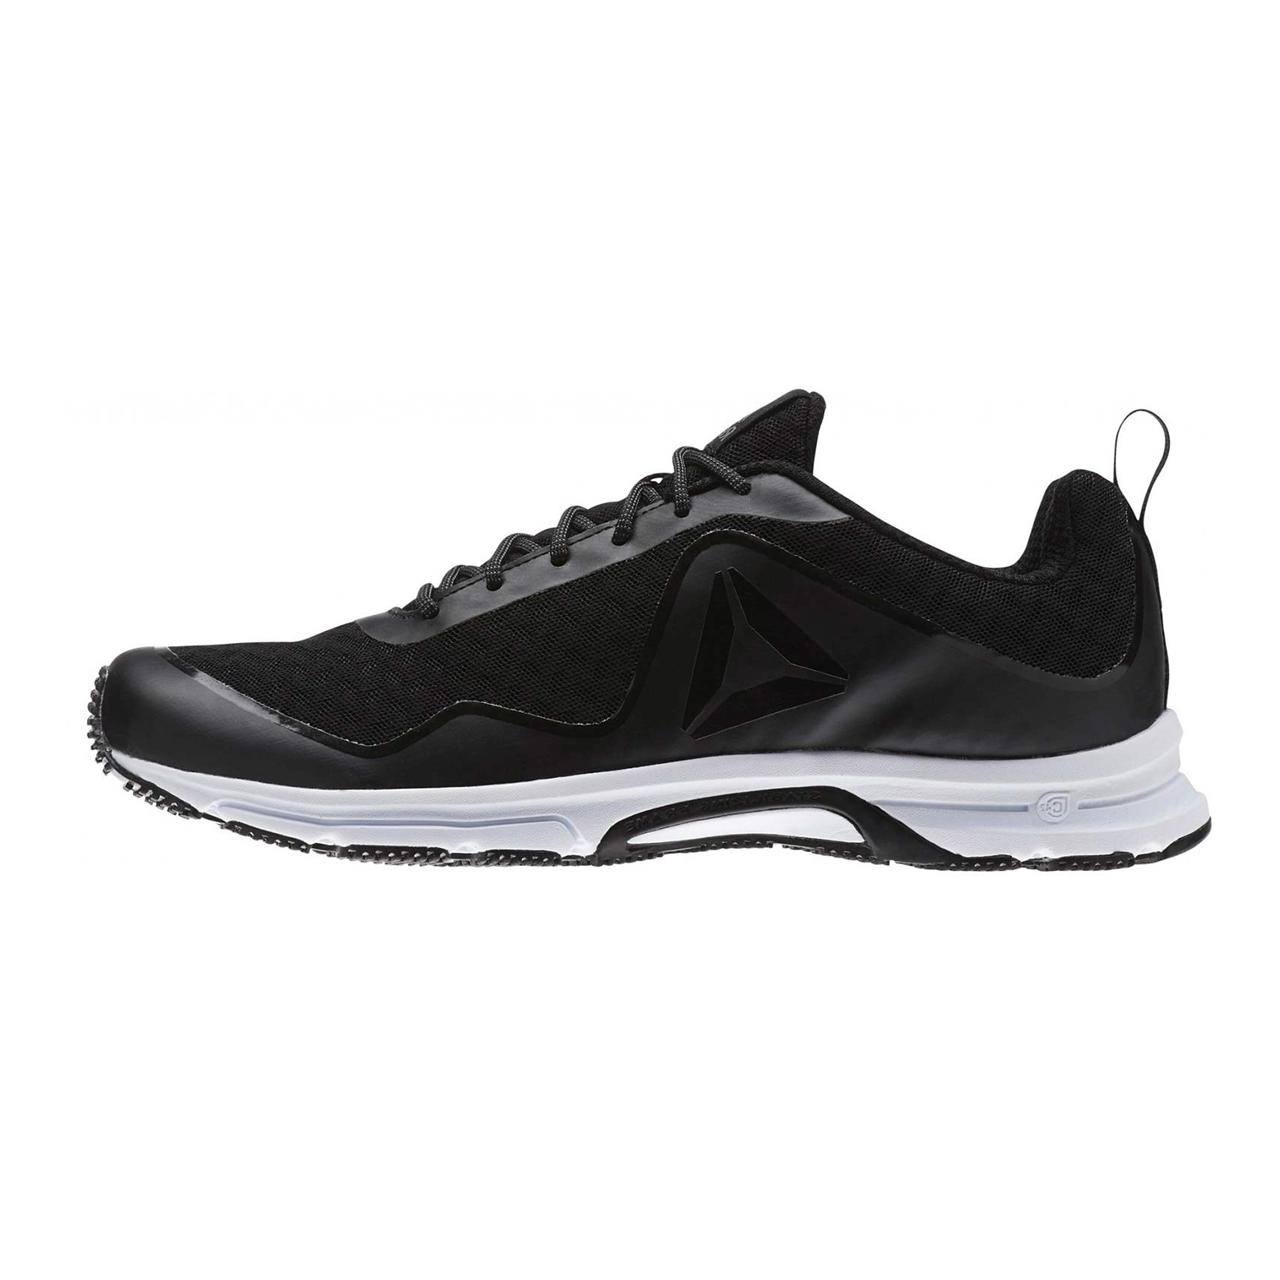 قیمت کفش مخصوص دویدن مردانه ریباک مدل Triplehall 7-0